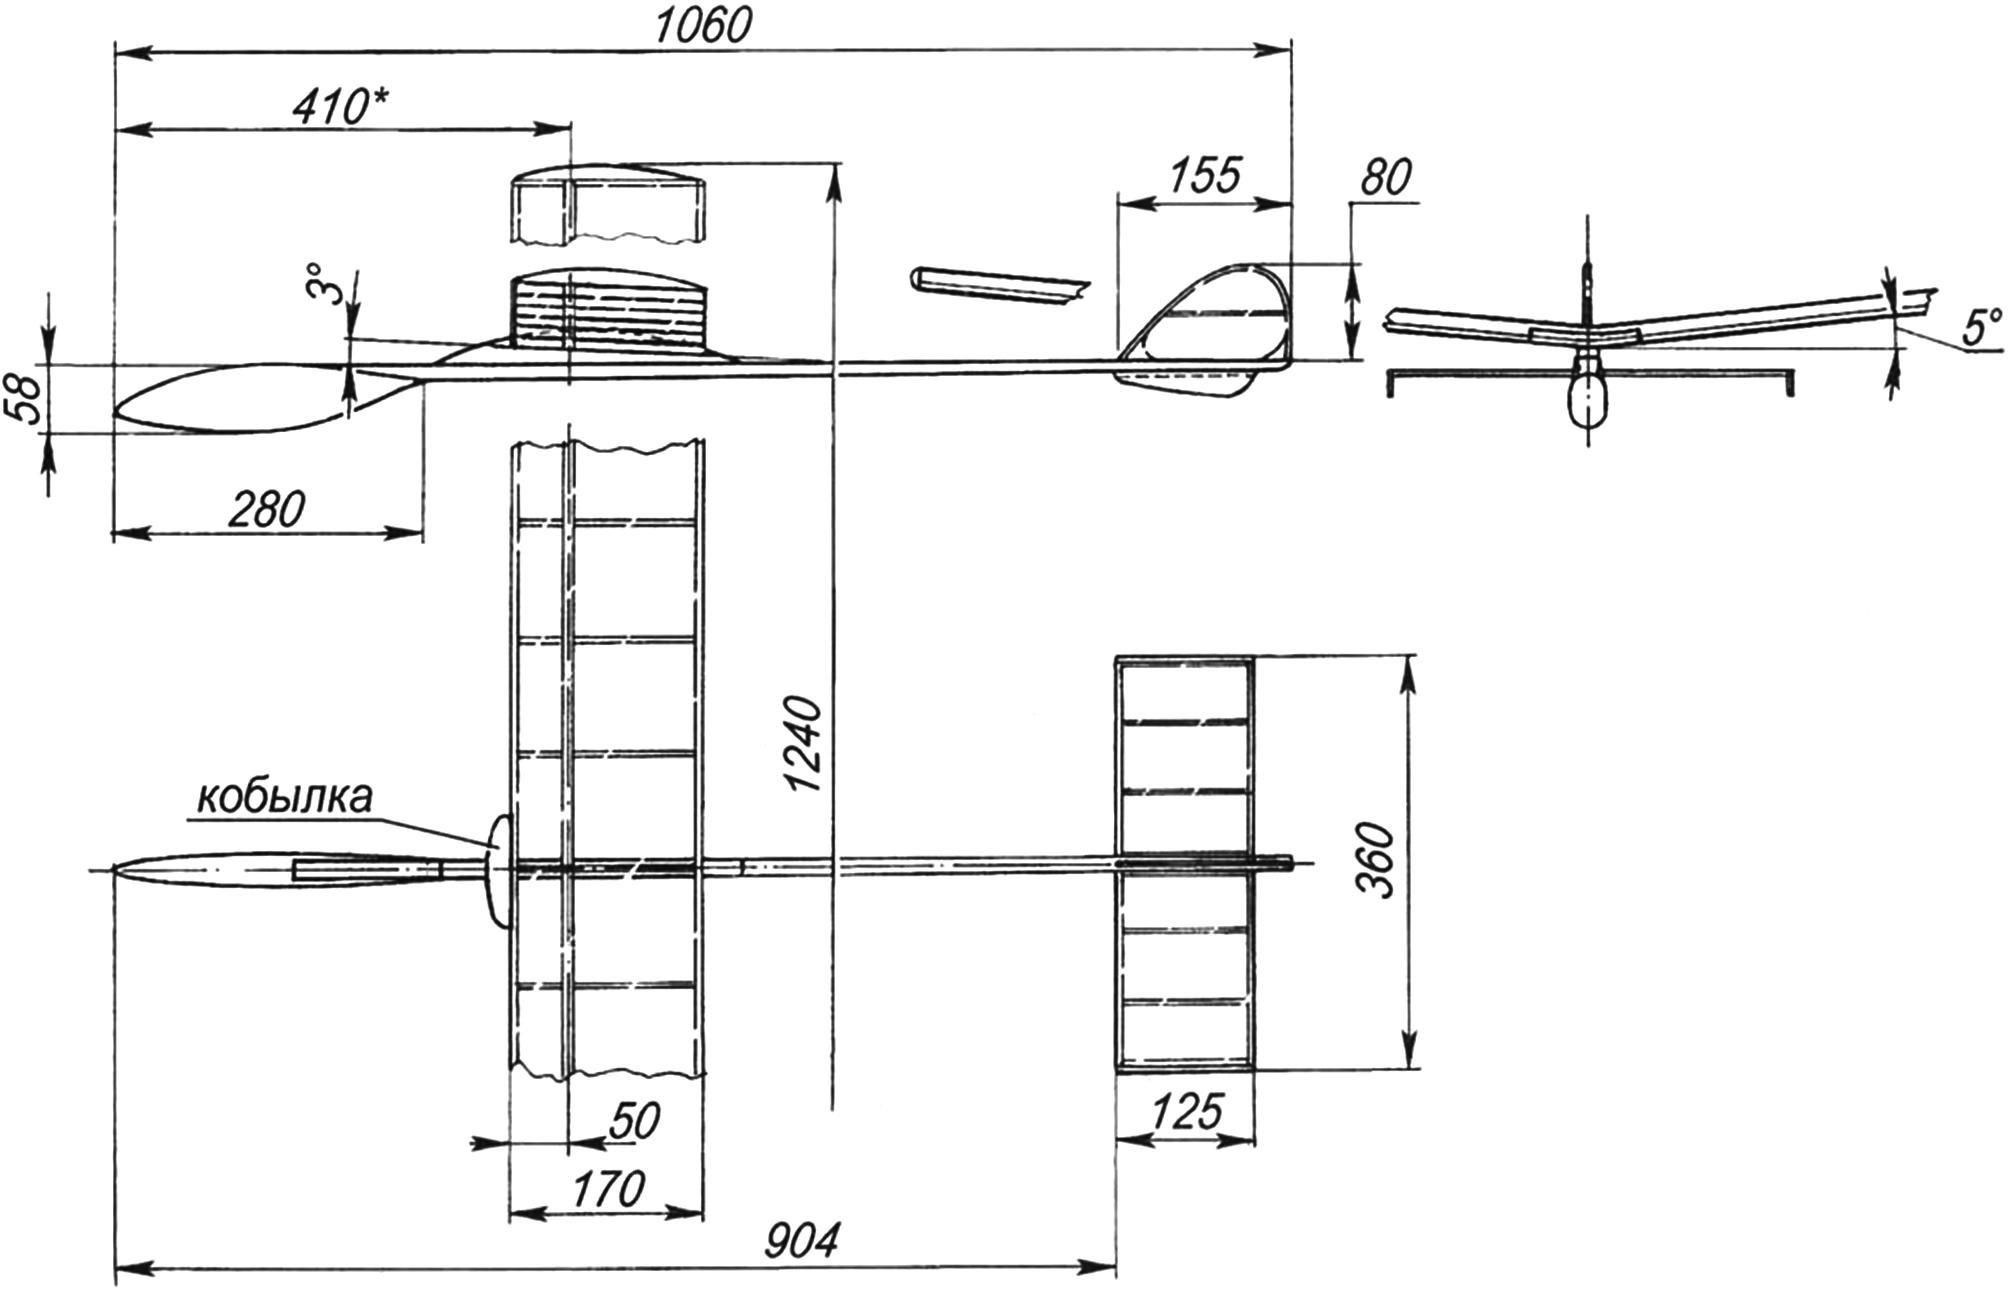 Геометрическая схема схематической модели планера улучшенной конструкции (размер со знаком* уточняется в процессе отладки модели)